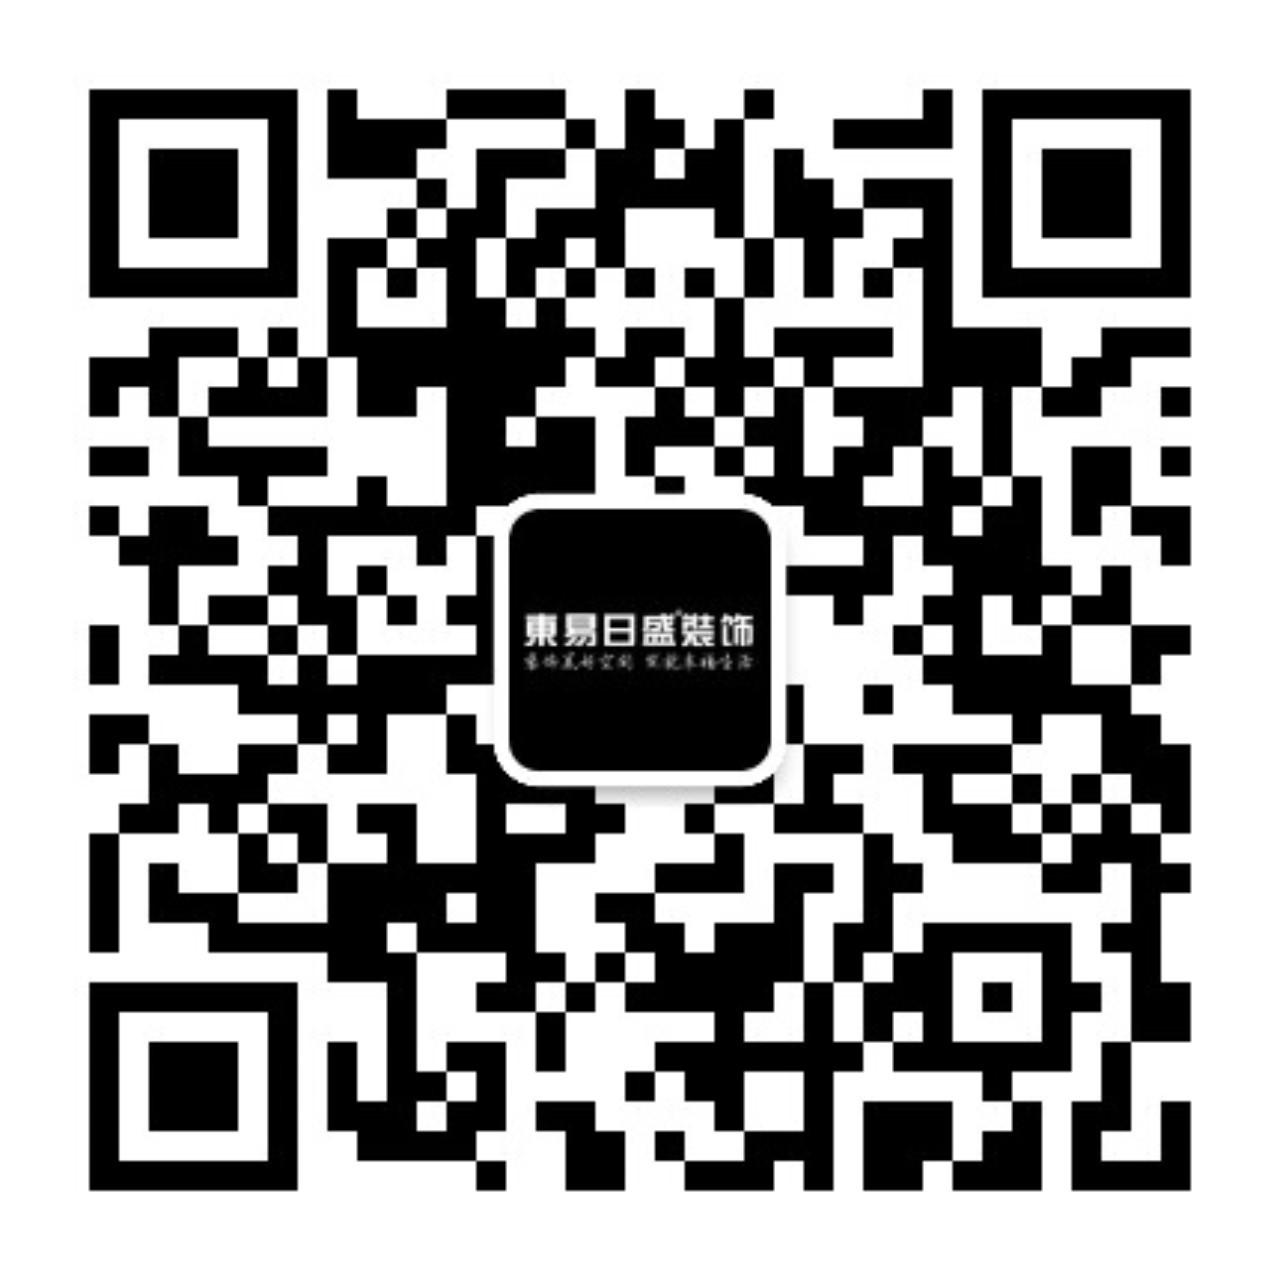 东易日盛官方微信